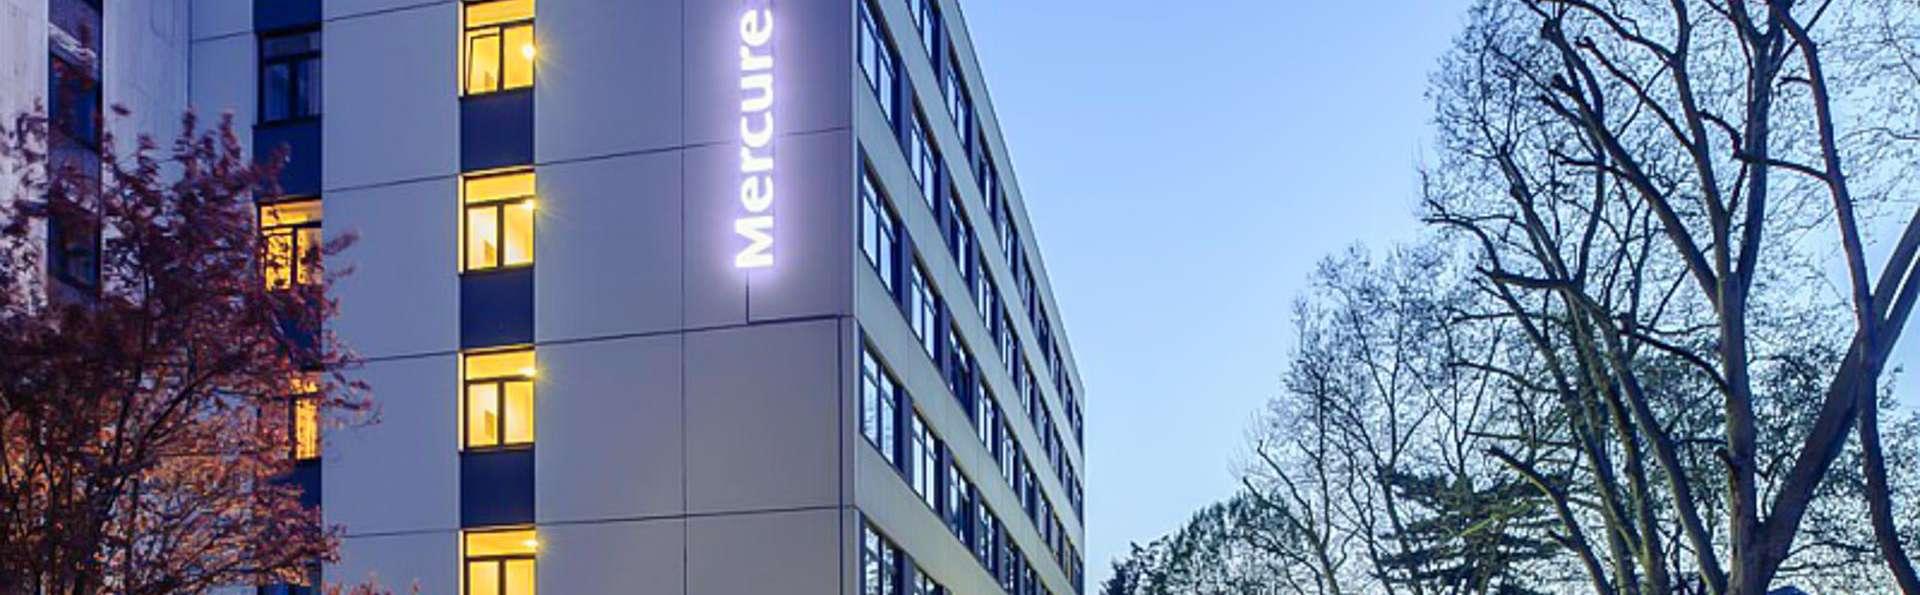 Mercure Hotel Köln Belfortstrasse - EDIT_FRONT_01.jpg